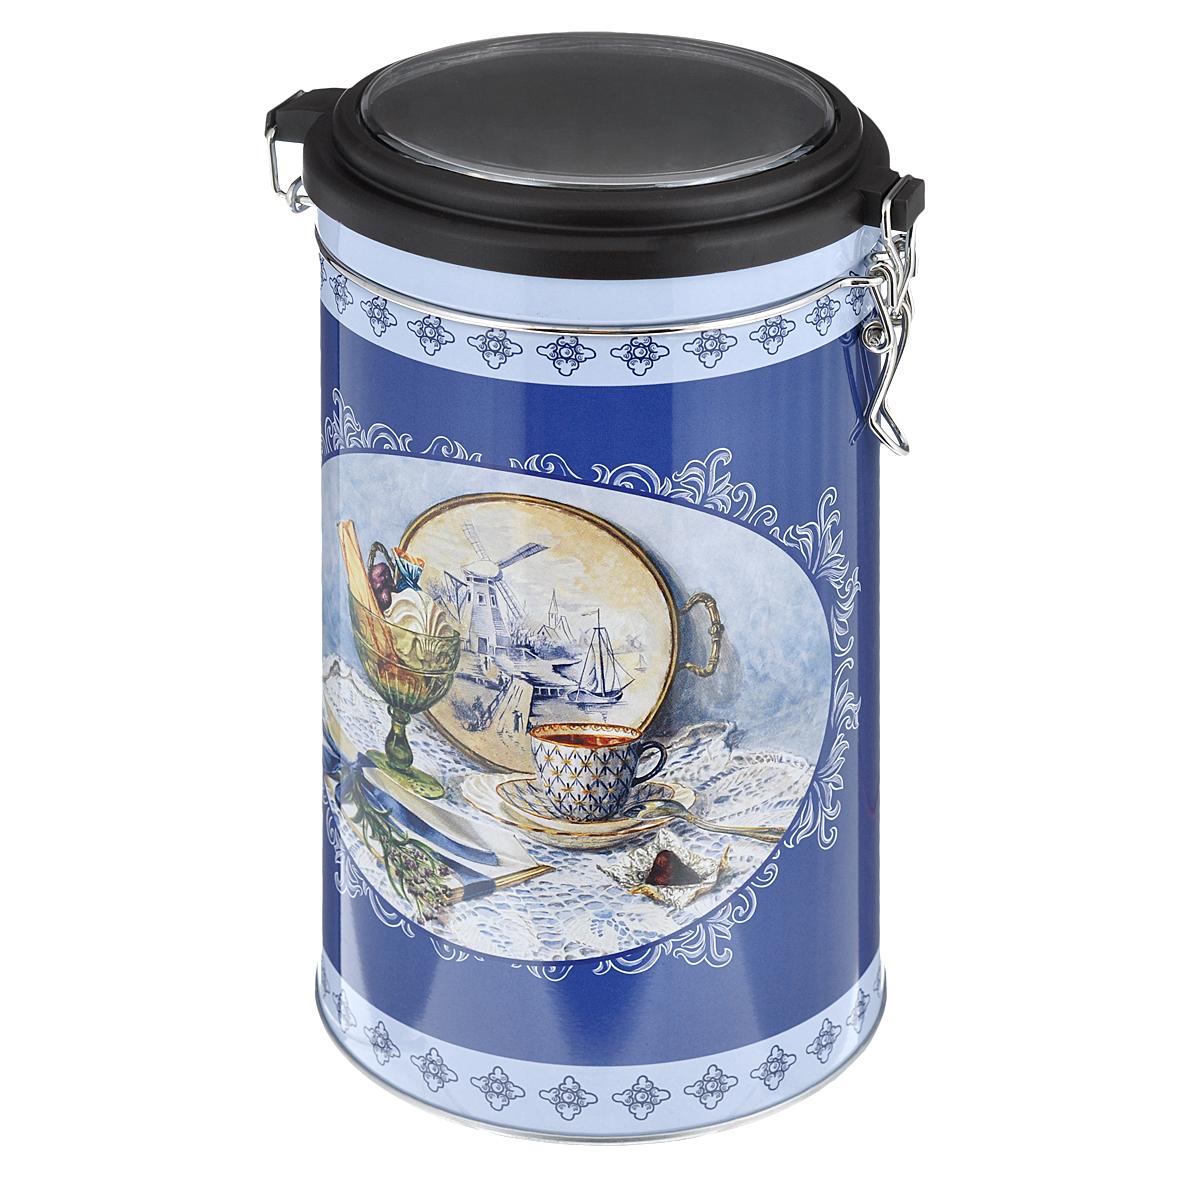 Банка для сыпучих продуктов Феникс-презент Синий натюрморт, 1,8 л37636Банка для сыпучих продуктов Феникс-презент Синий натюрморт, изготовленная из окрашенного черного металла, оформлена ярким рисунком. Банка прекрасно подойдет для хранения различных сыпучих продуктов: специй, чая, кофе, сахара, круп и многого другого. Емкость плотно закрывается прозрачной пластиковой крышкой на металлический замок. Благодаря этому она будет дольше сохранять свежесть ваших продуктов.Функциональная и вместительная, такая банка станет незаменимым аксессуаром на любой кухне. Нельзя мыть в посудомоечной машине.Объем банки: 1,8 л.Высота банки (без учета крышки): 17,4 см. Диаметр банки (по верхнему краю): 10,5 см.